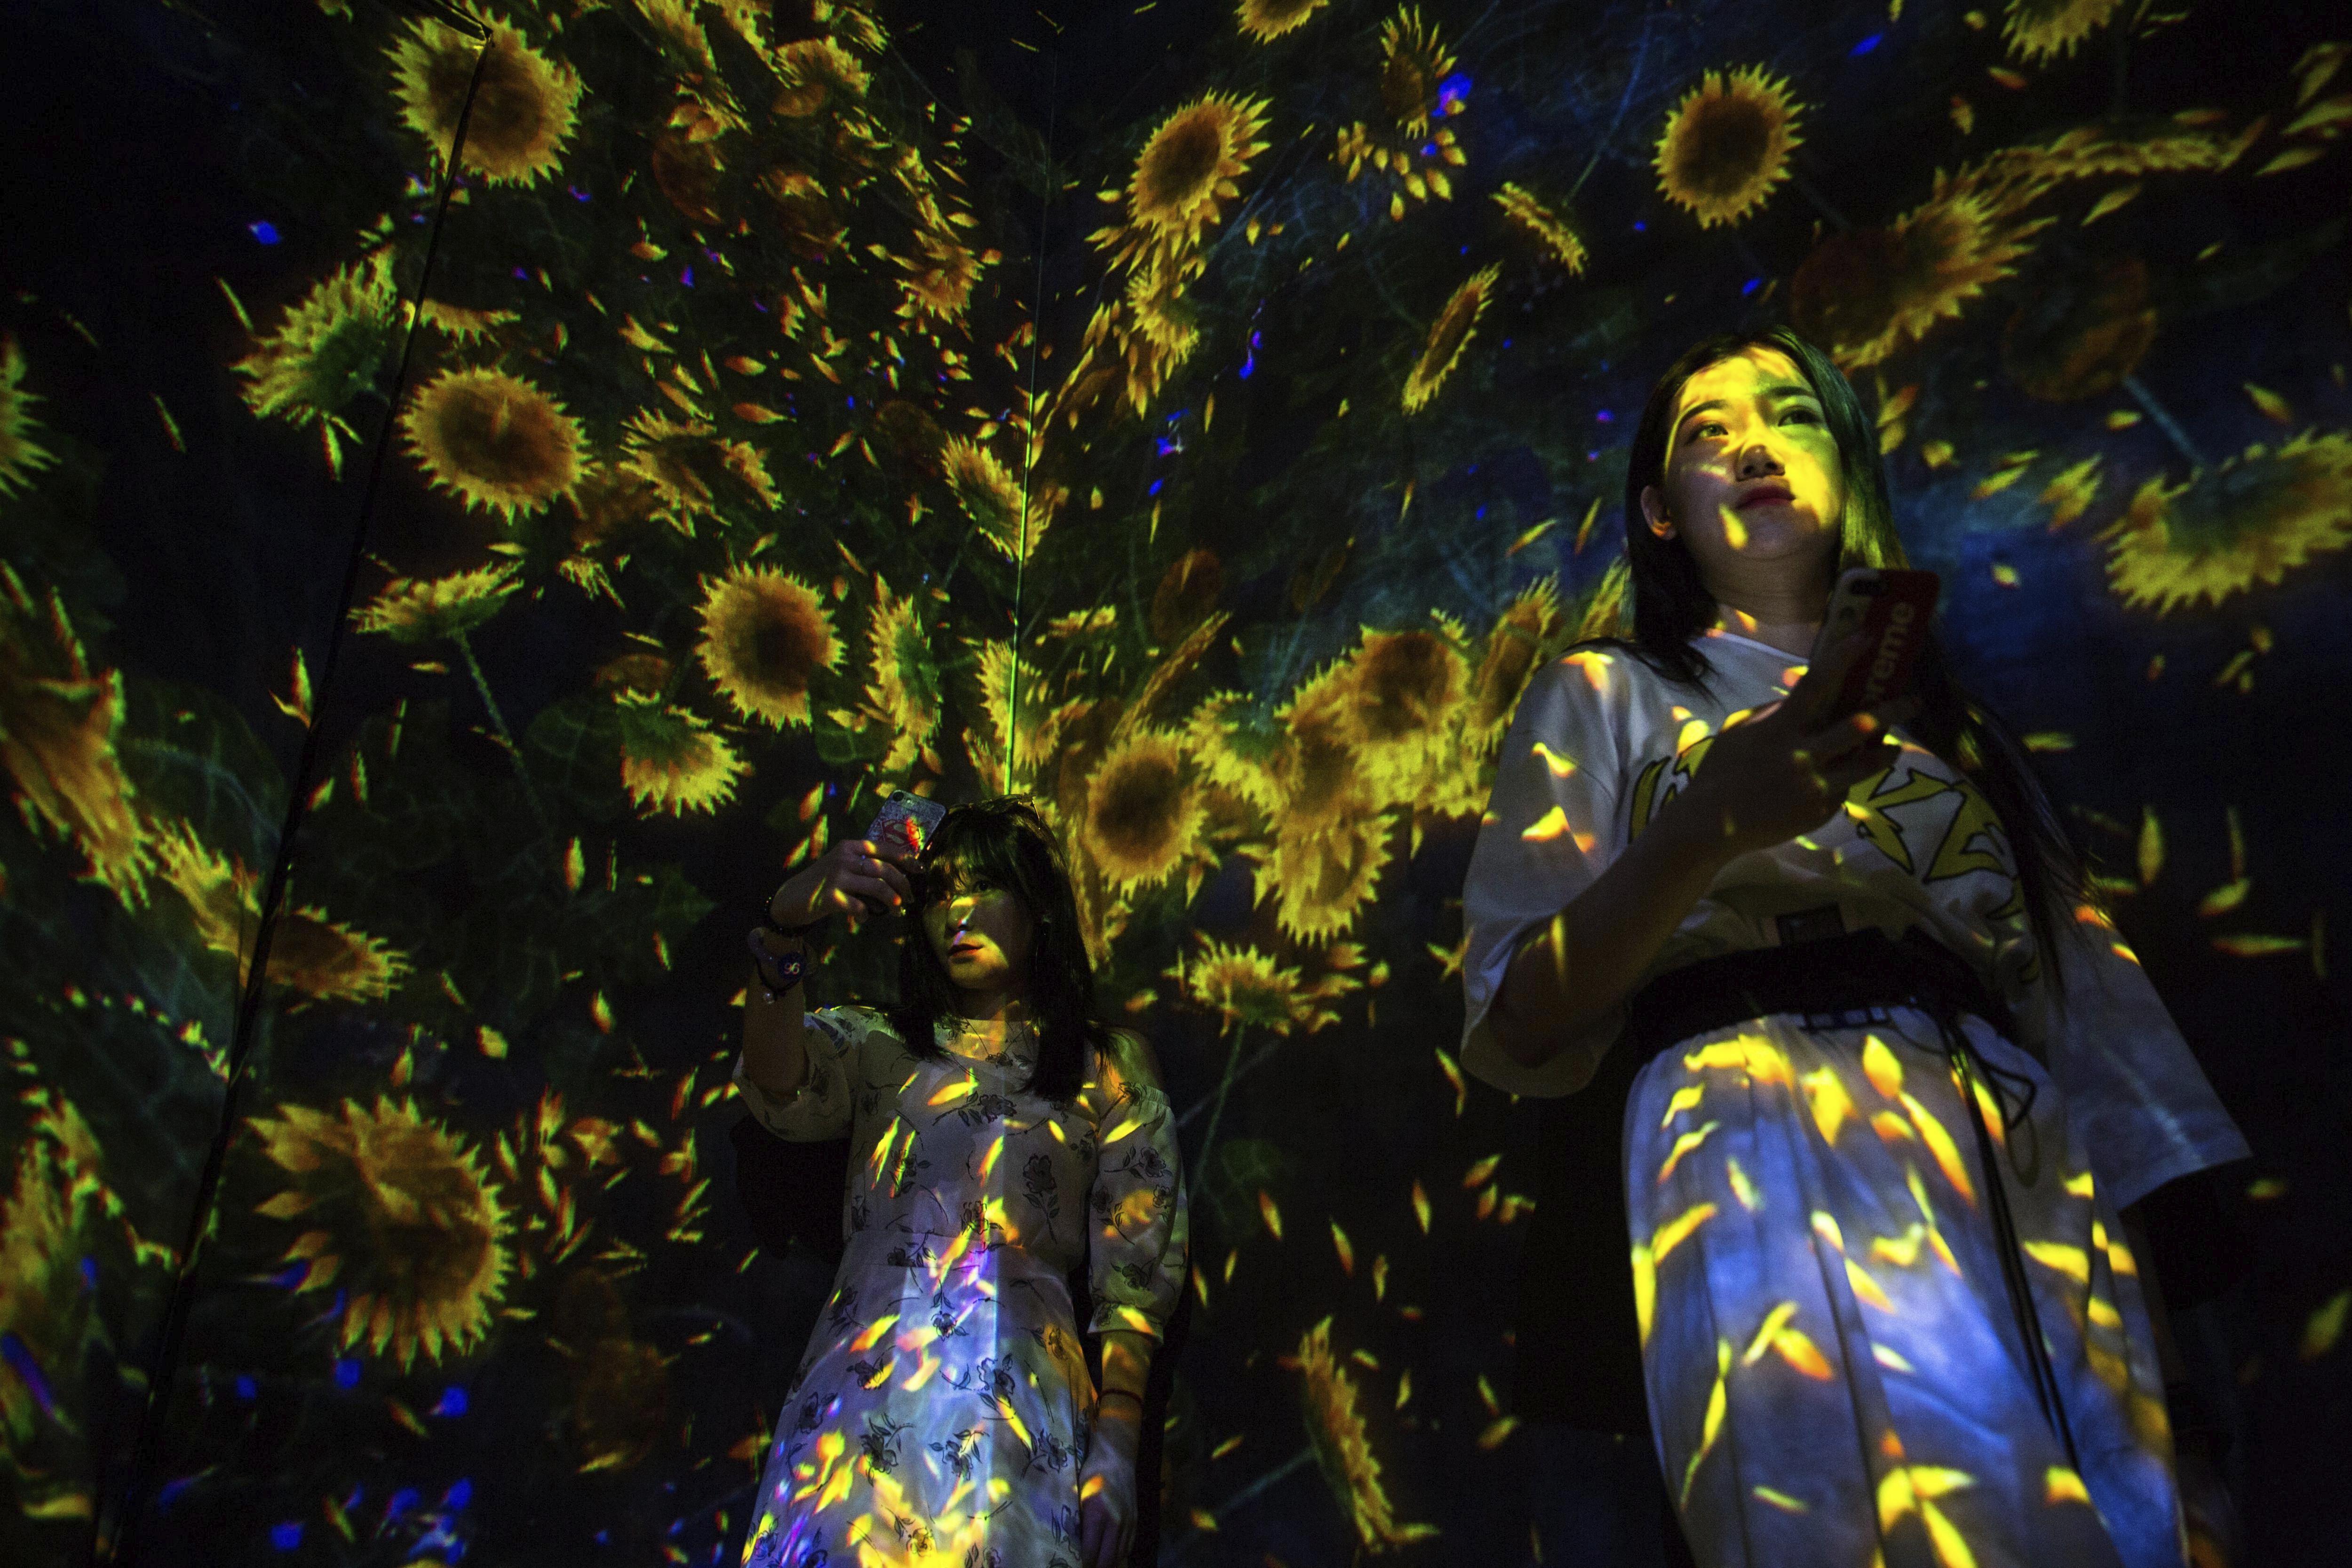 """Dues dones participen en l'exposició """"Living Digital Forest and Future Park"""" a Pequín (Xina). /ROMAN PILIPEY"""